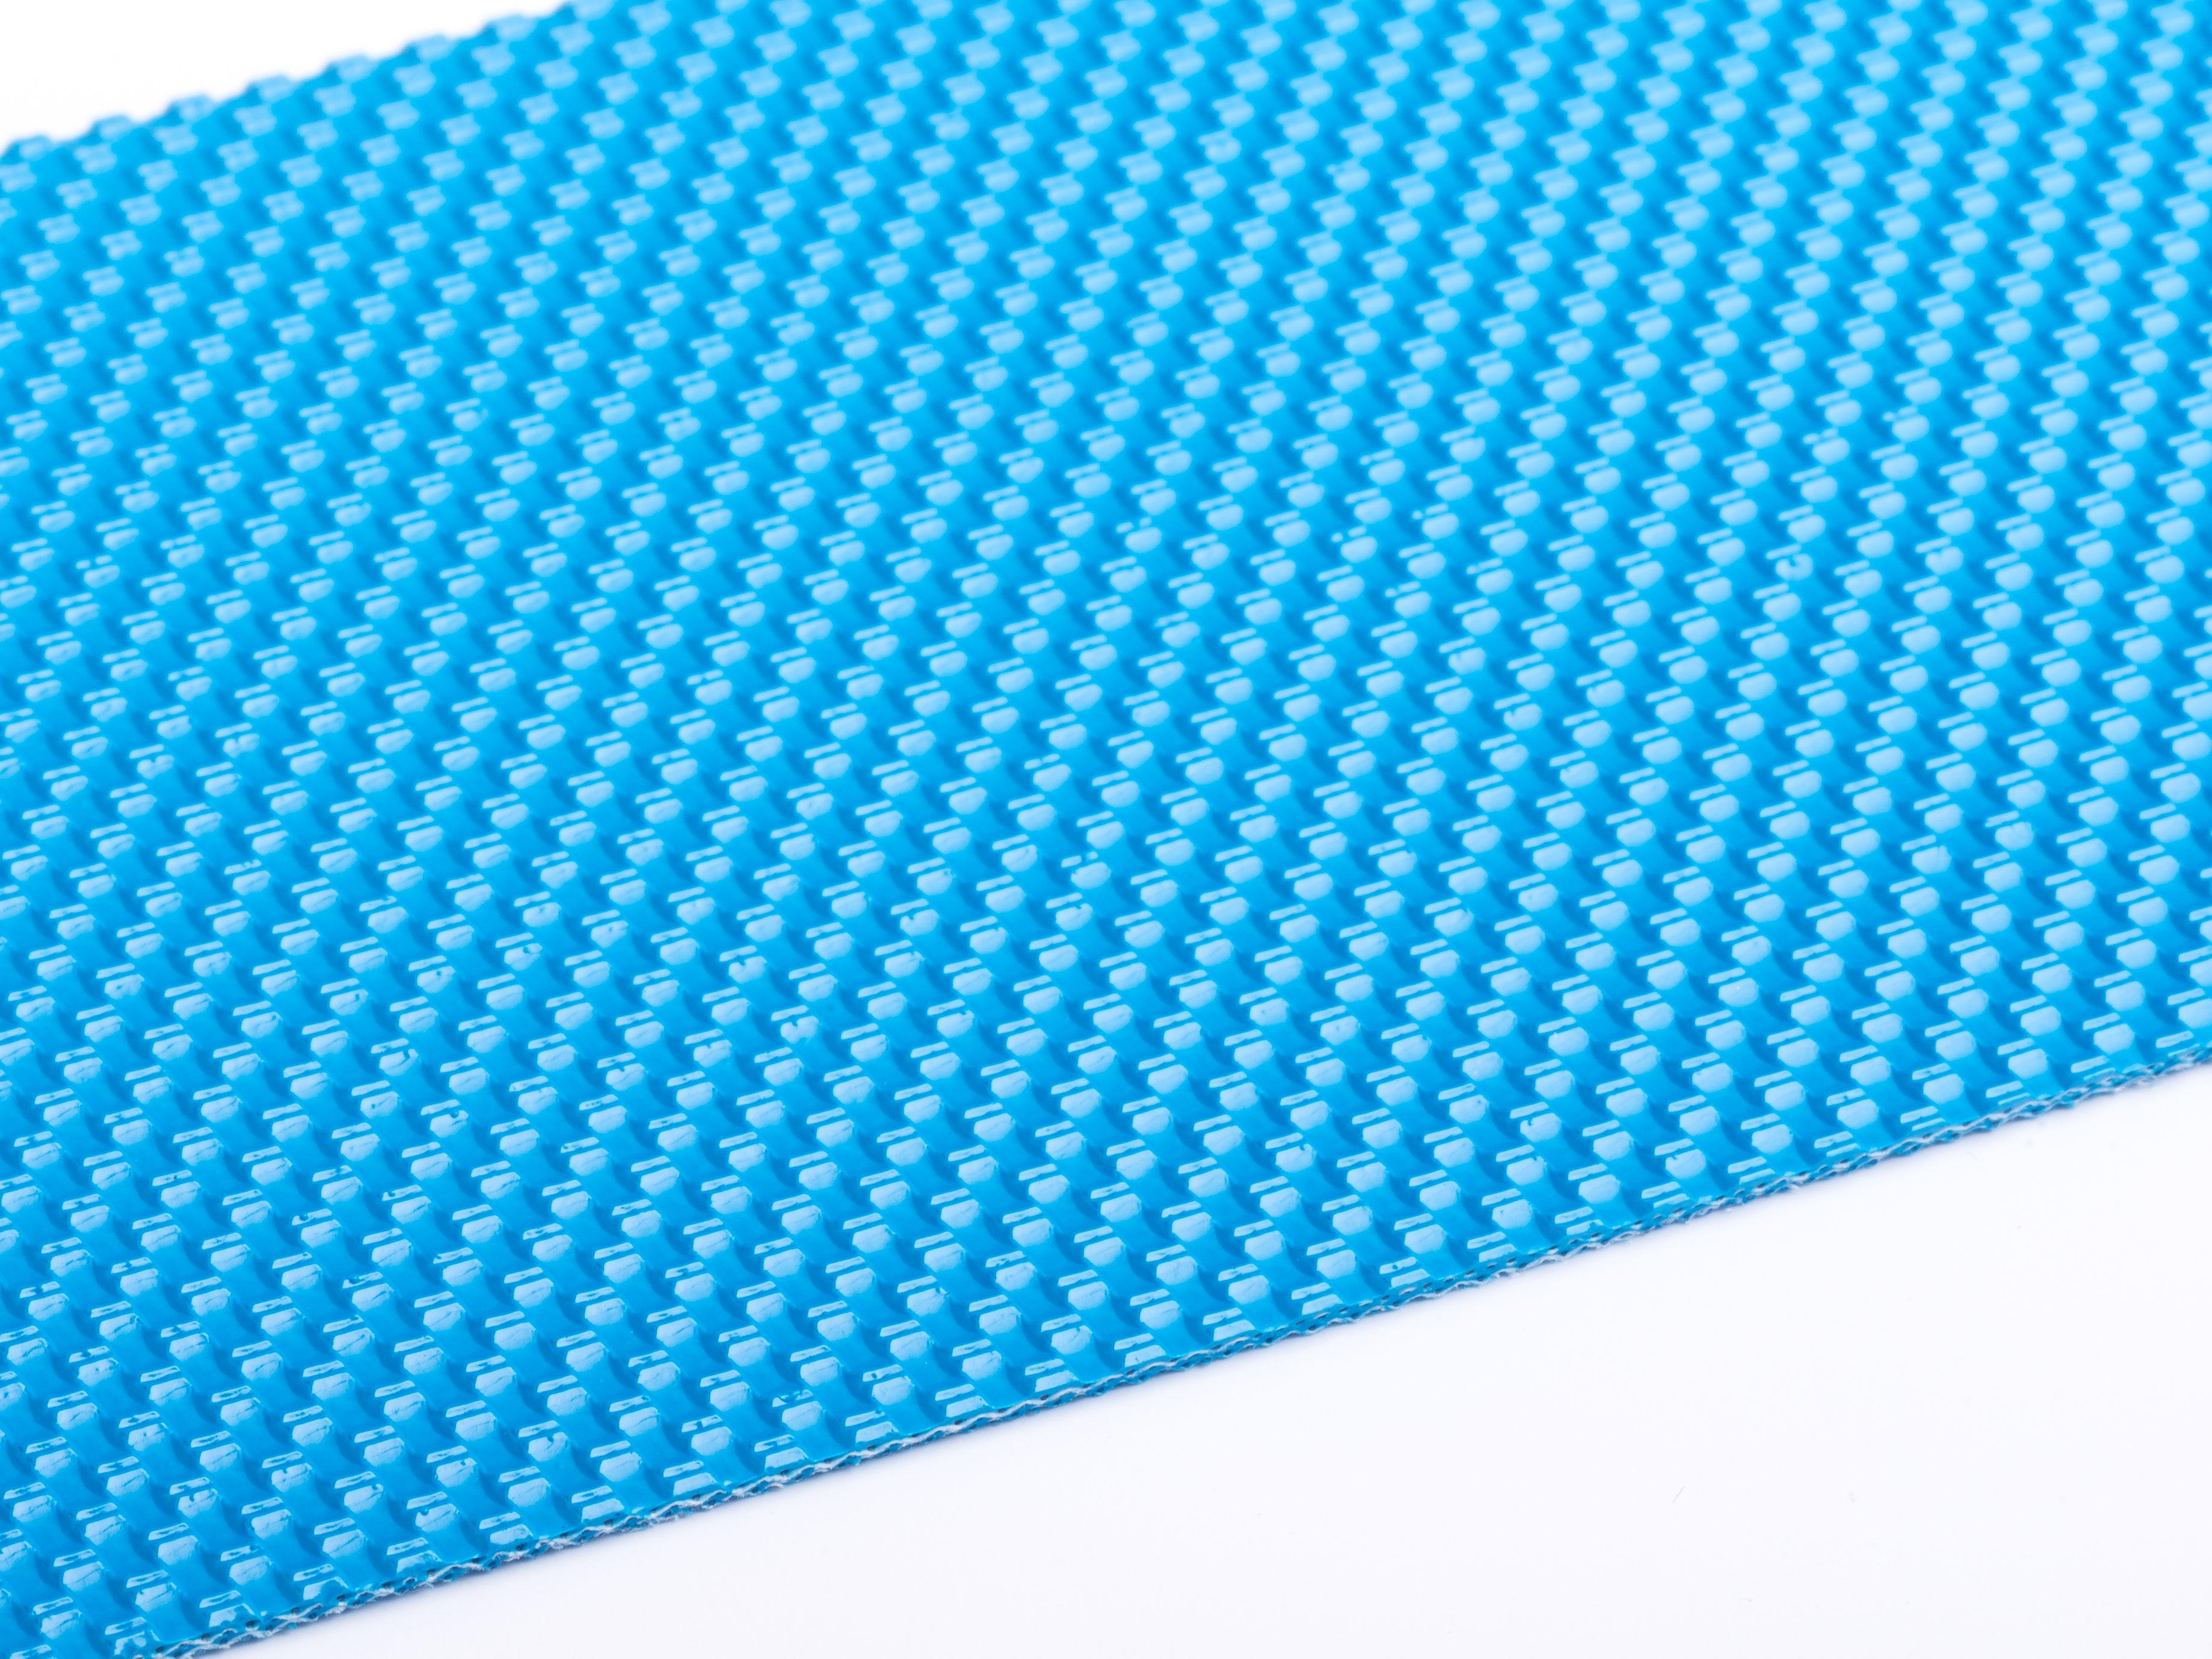 E 3/2 U0/U4 DIA-HACCPFF blau FDA